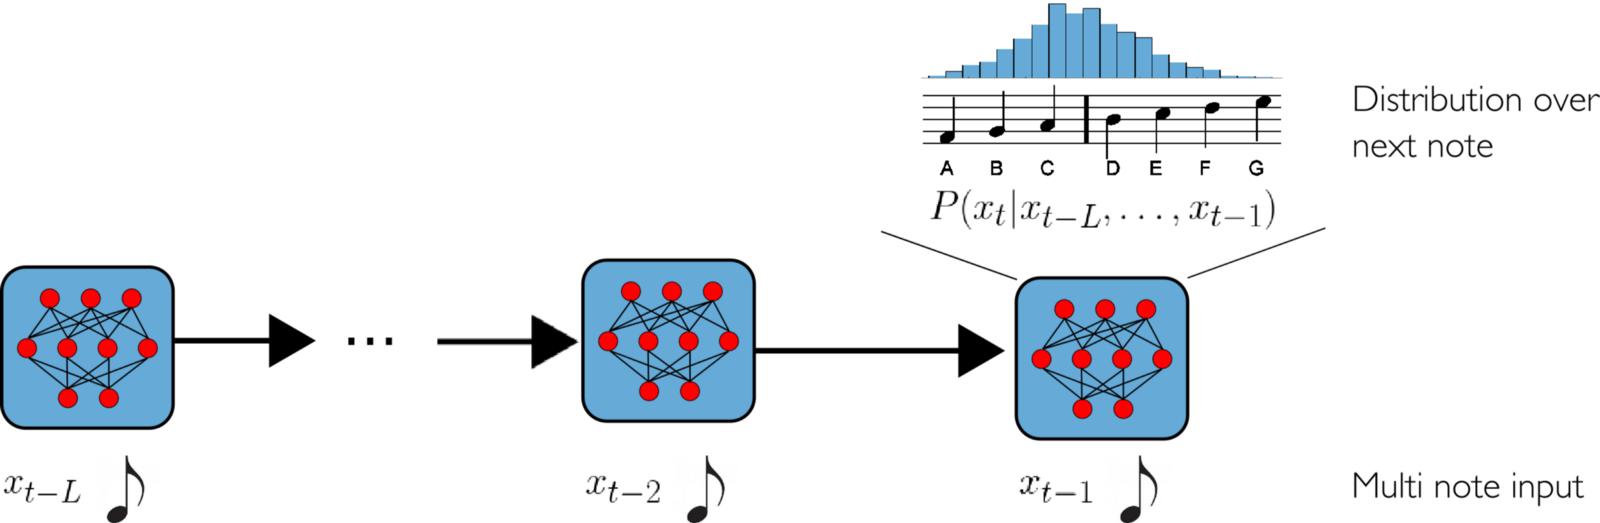 استفاده از هوش مصنوعی در تولید موسیقی